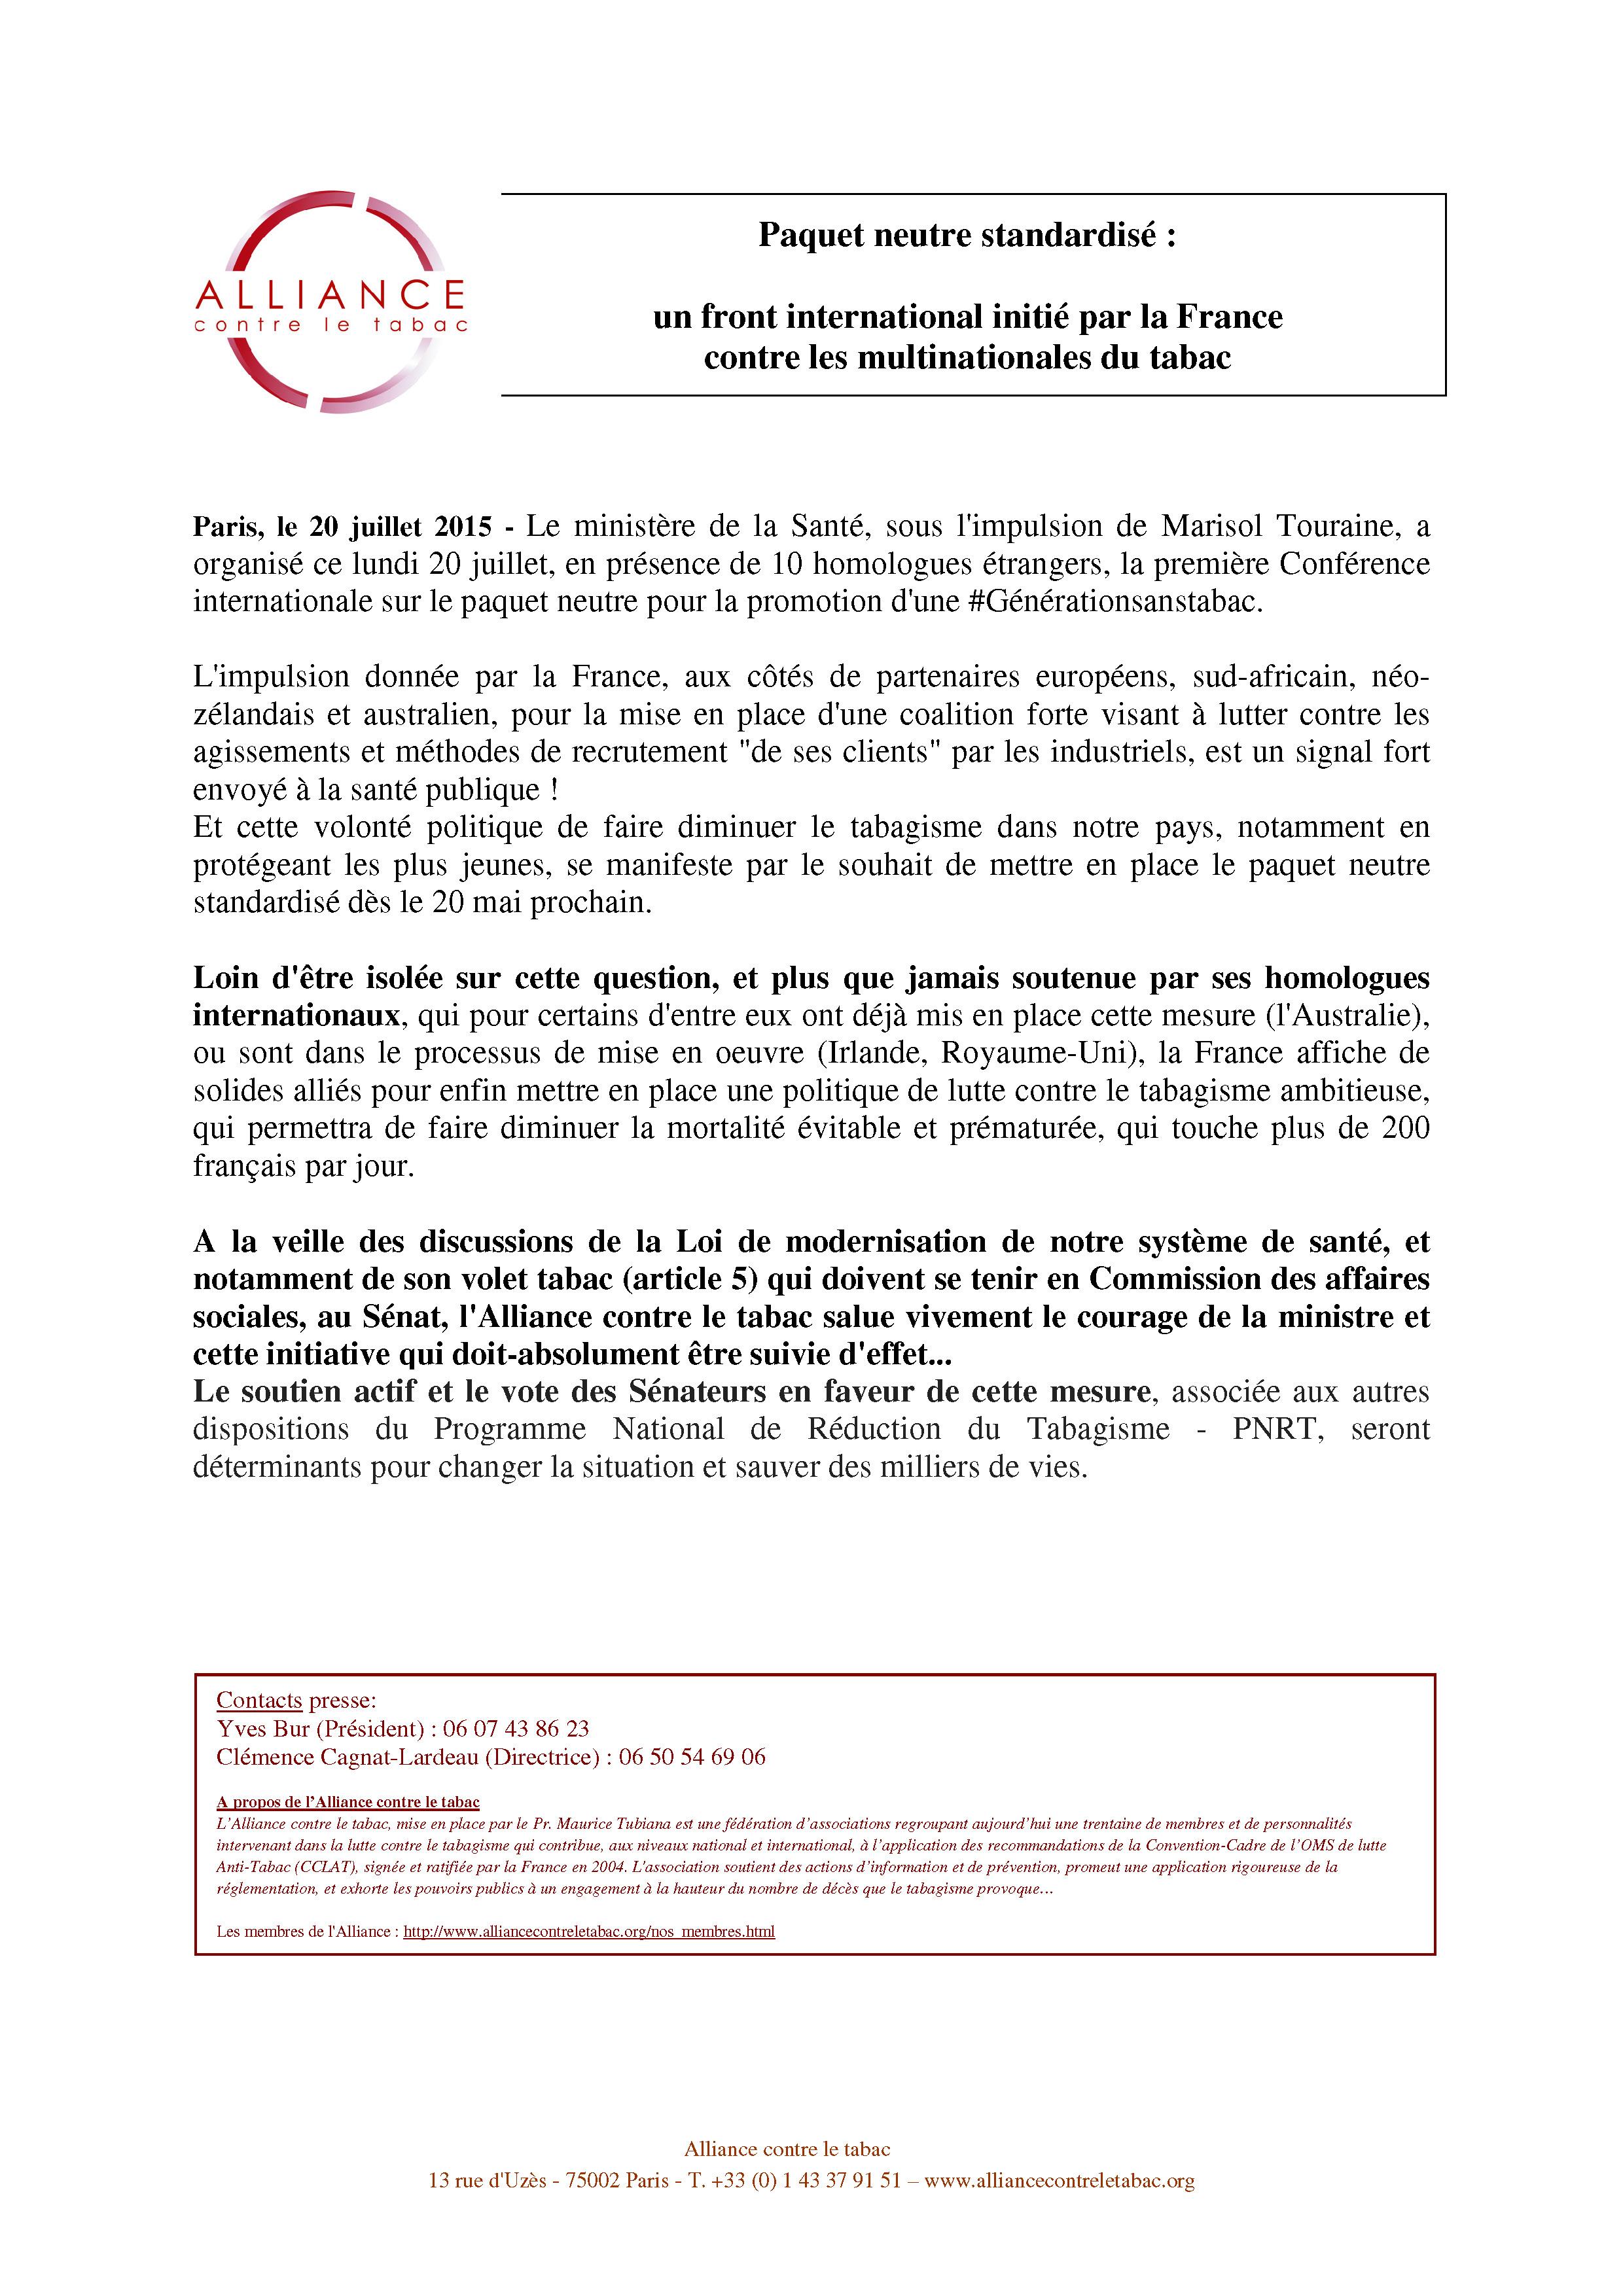 Alliance-CP_PNS-un-front-international-initie-par-la-france-contre-les-multinationales-du-tabac-20juil2015.jpg